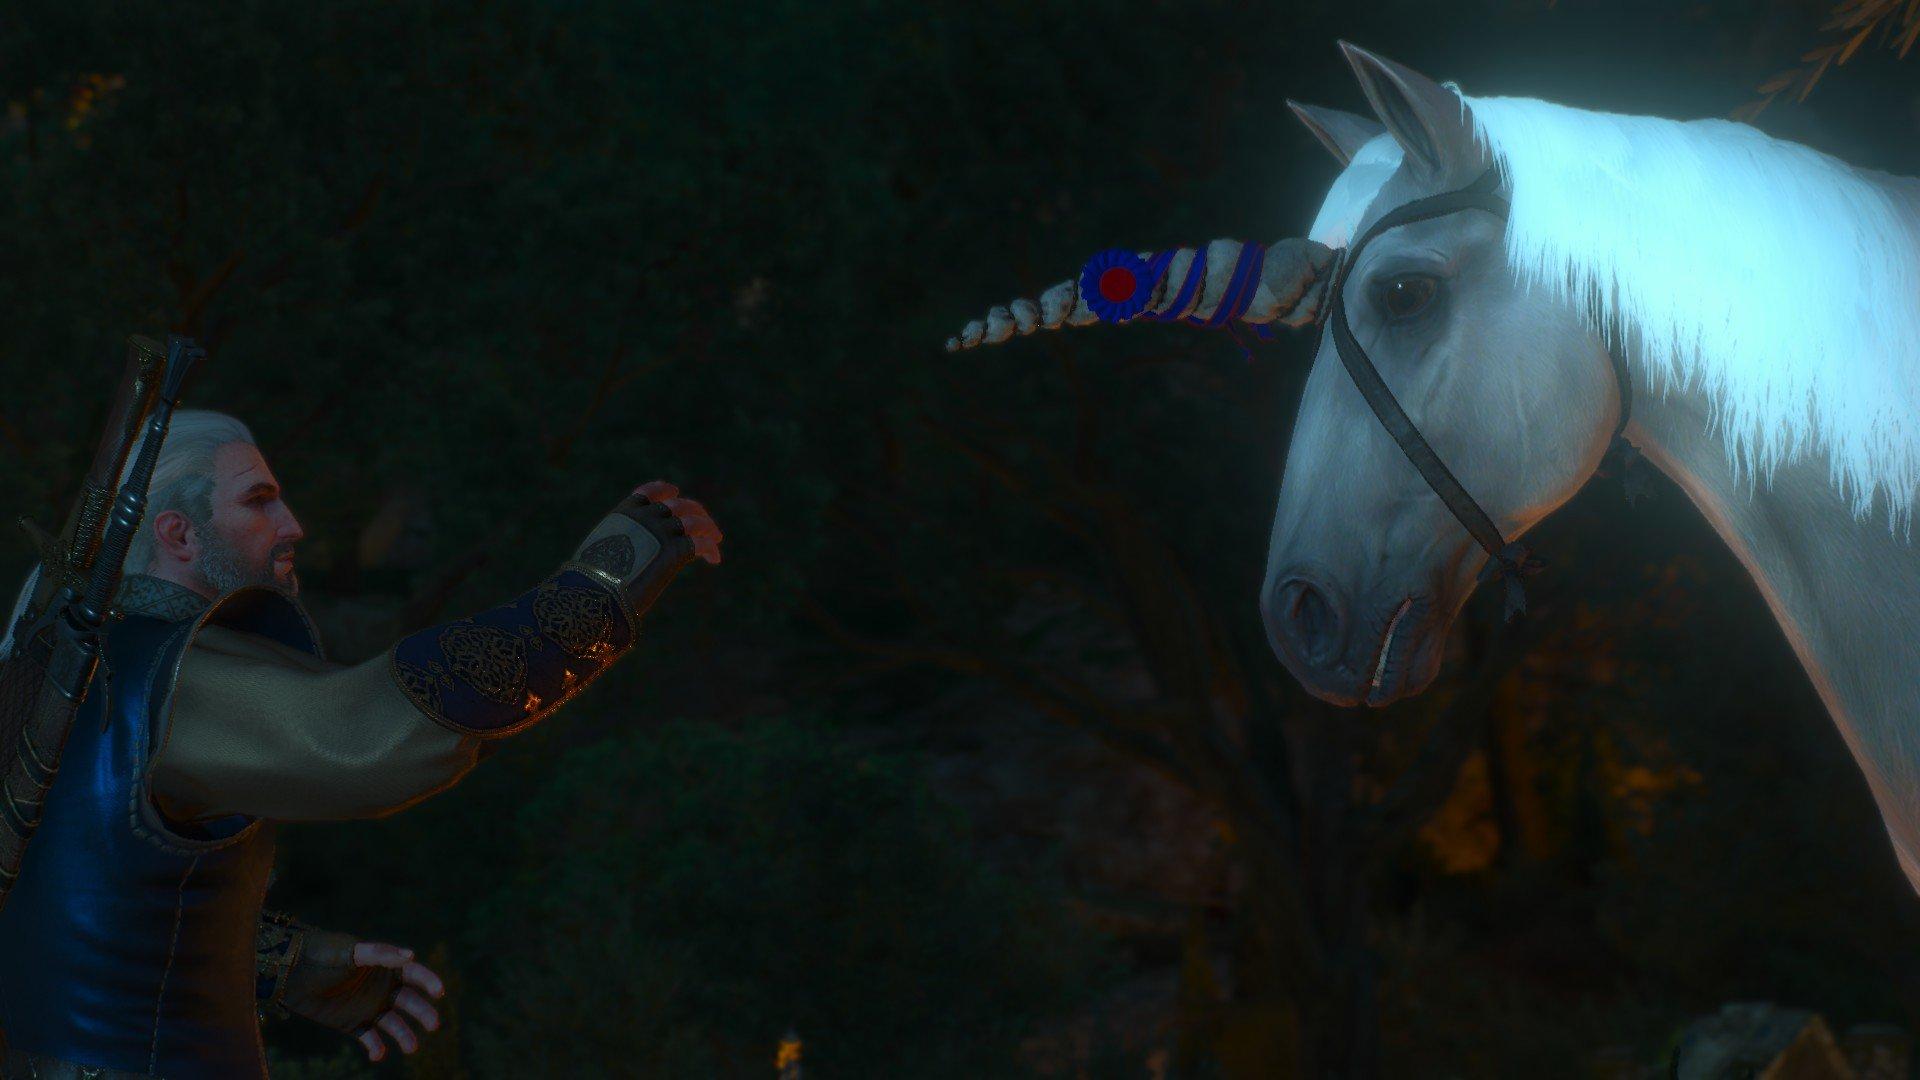 Вопль-прохождение Witcher 3: Кровь и Вино ... НАЧАЛО [ВНИМАНИЕ, ВОЗМОЖНЫ СПОЙЛЕРЫ] - Изображение 19